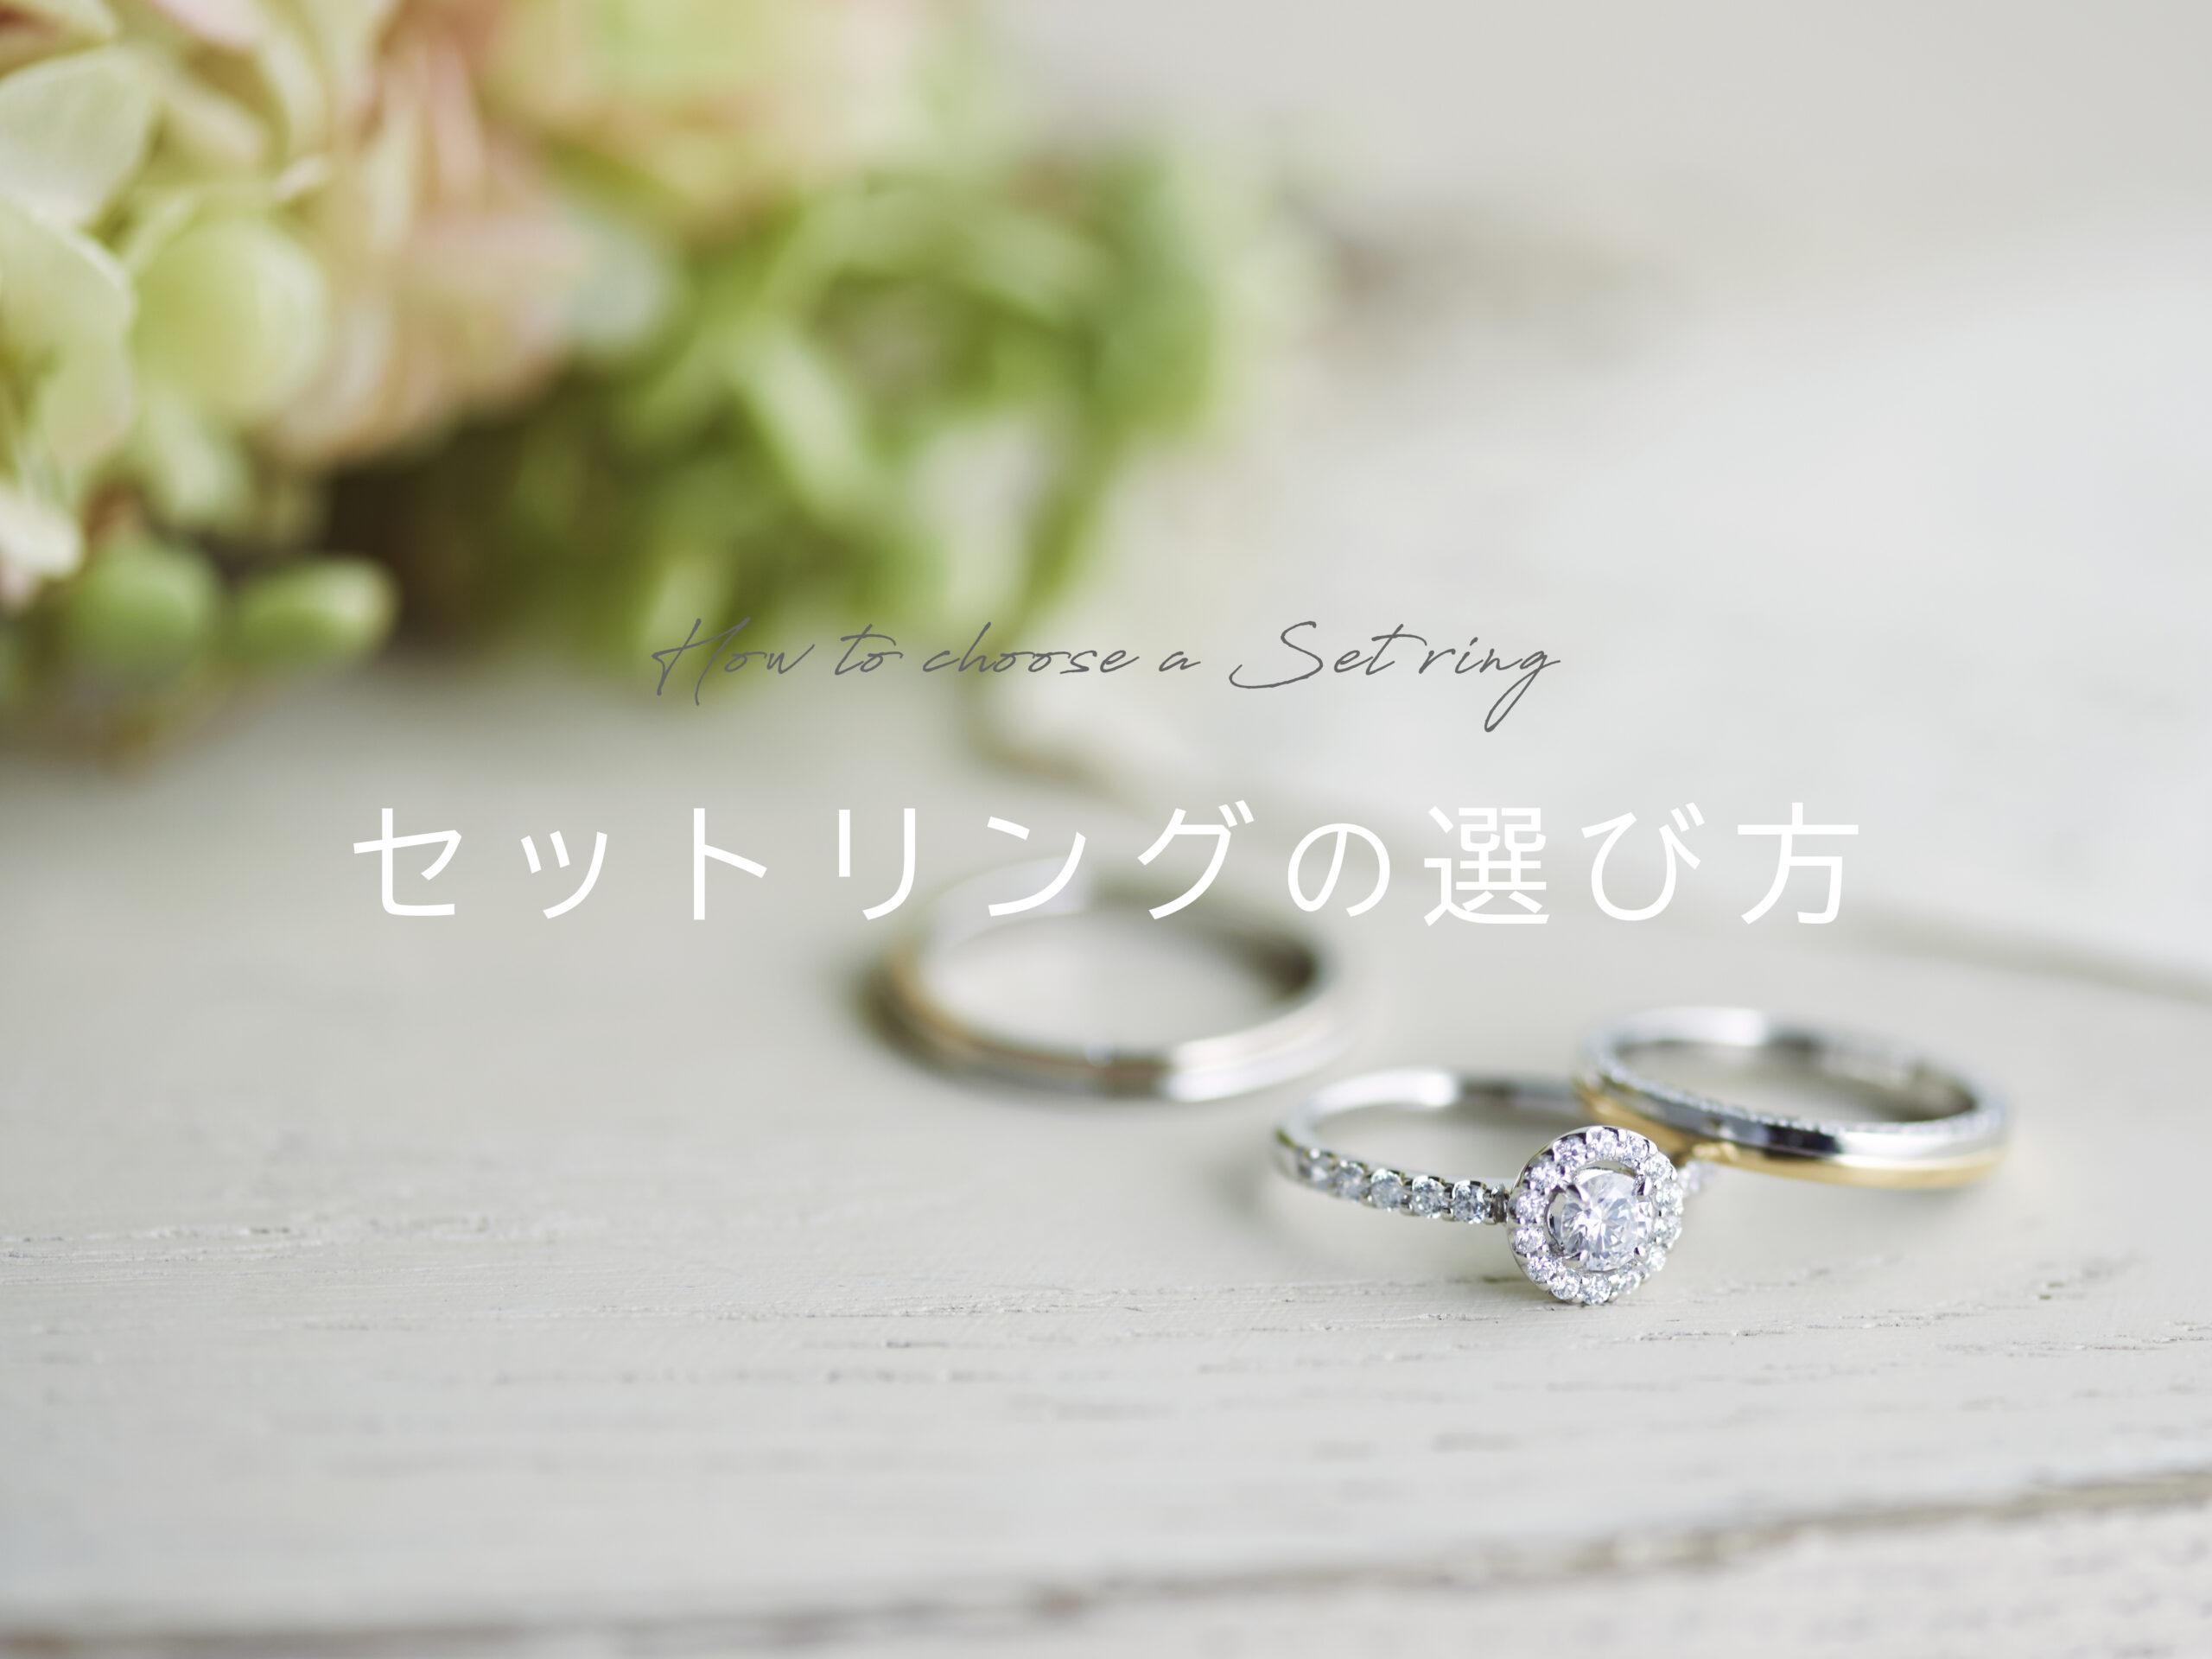 広島県広島市と広島県福山市の中国地方最大級のブライダルジュエリー専門セレクトショップヴァニラの婚約指輪と結婚指輪のセットリングの選び方